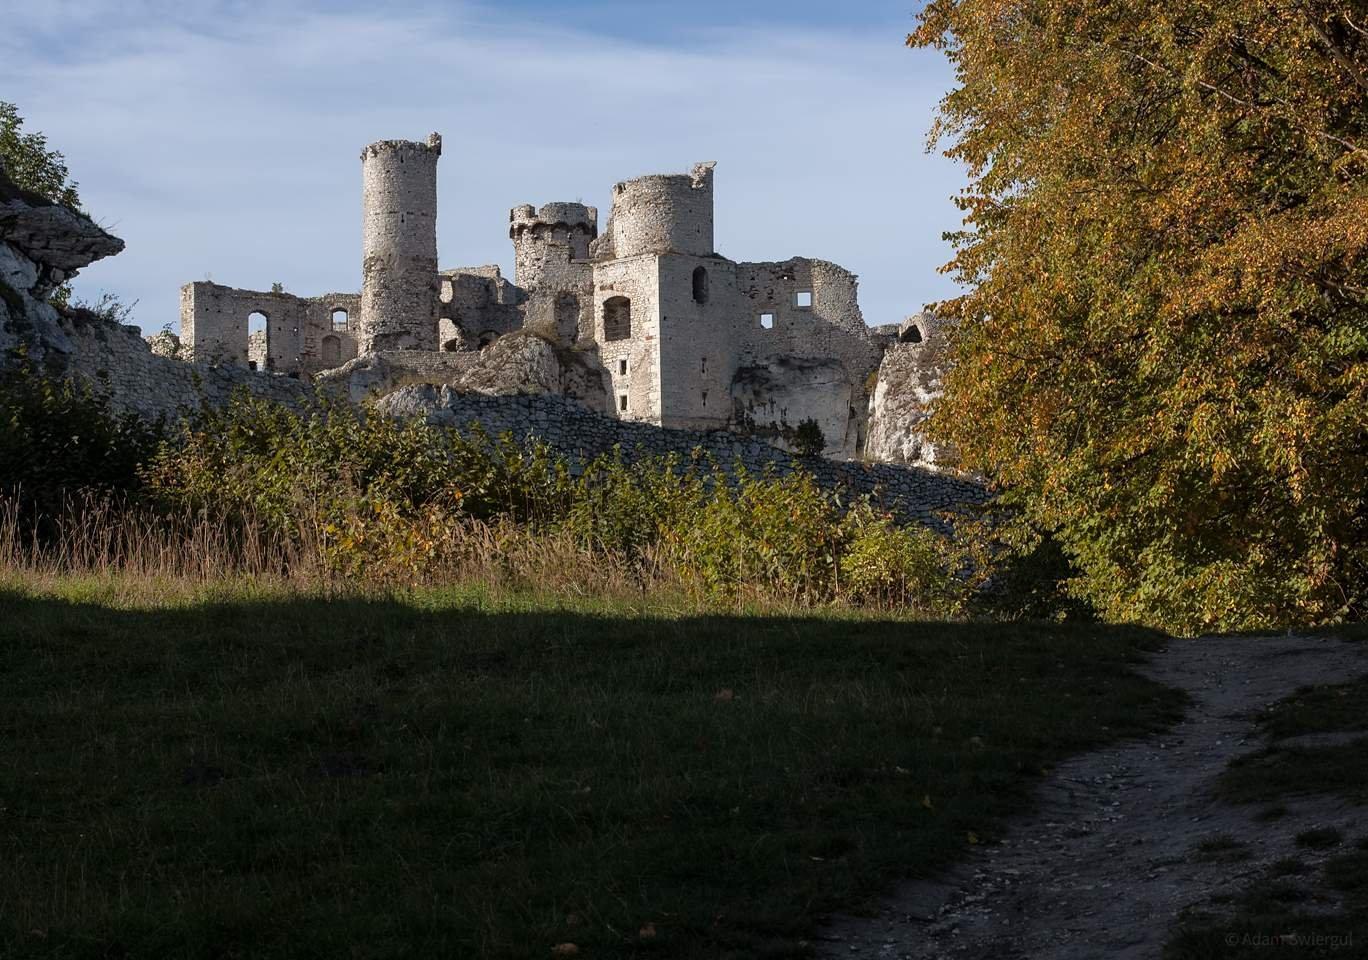 Ruiny zamku, Ogrodzieniec